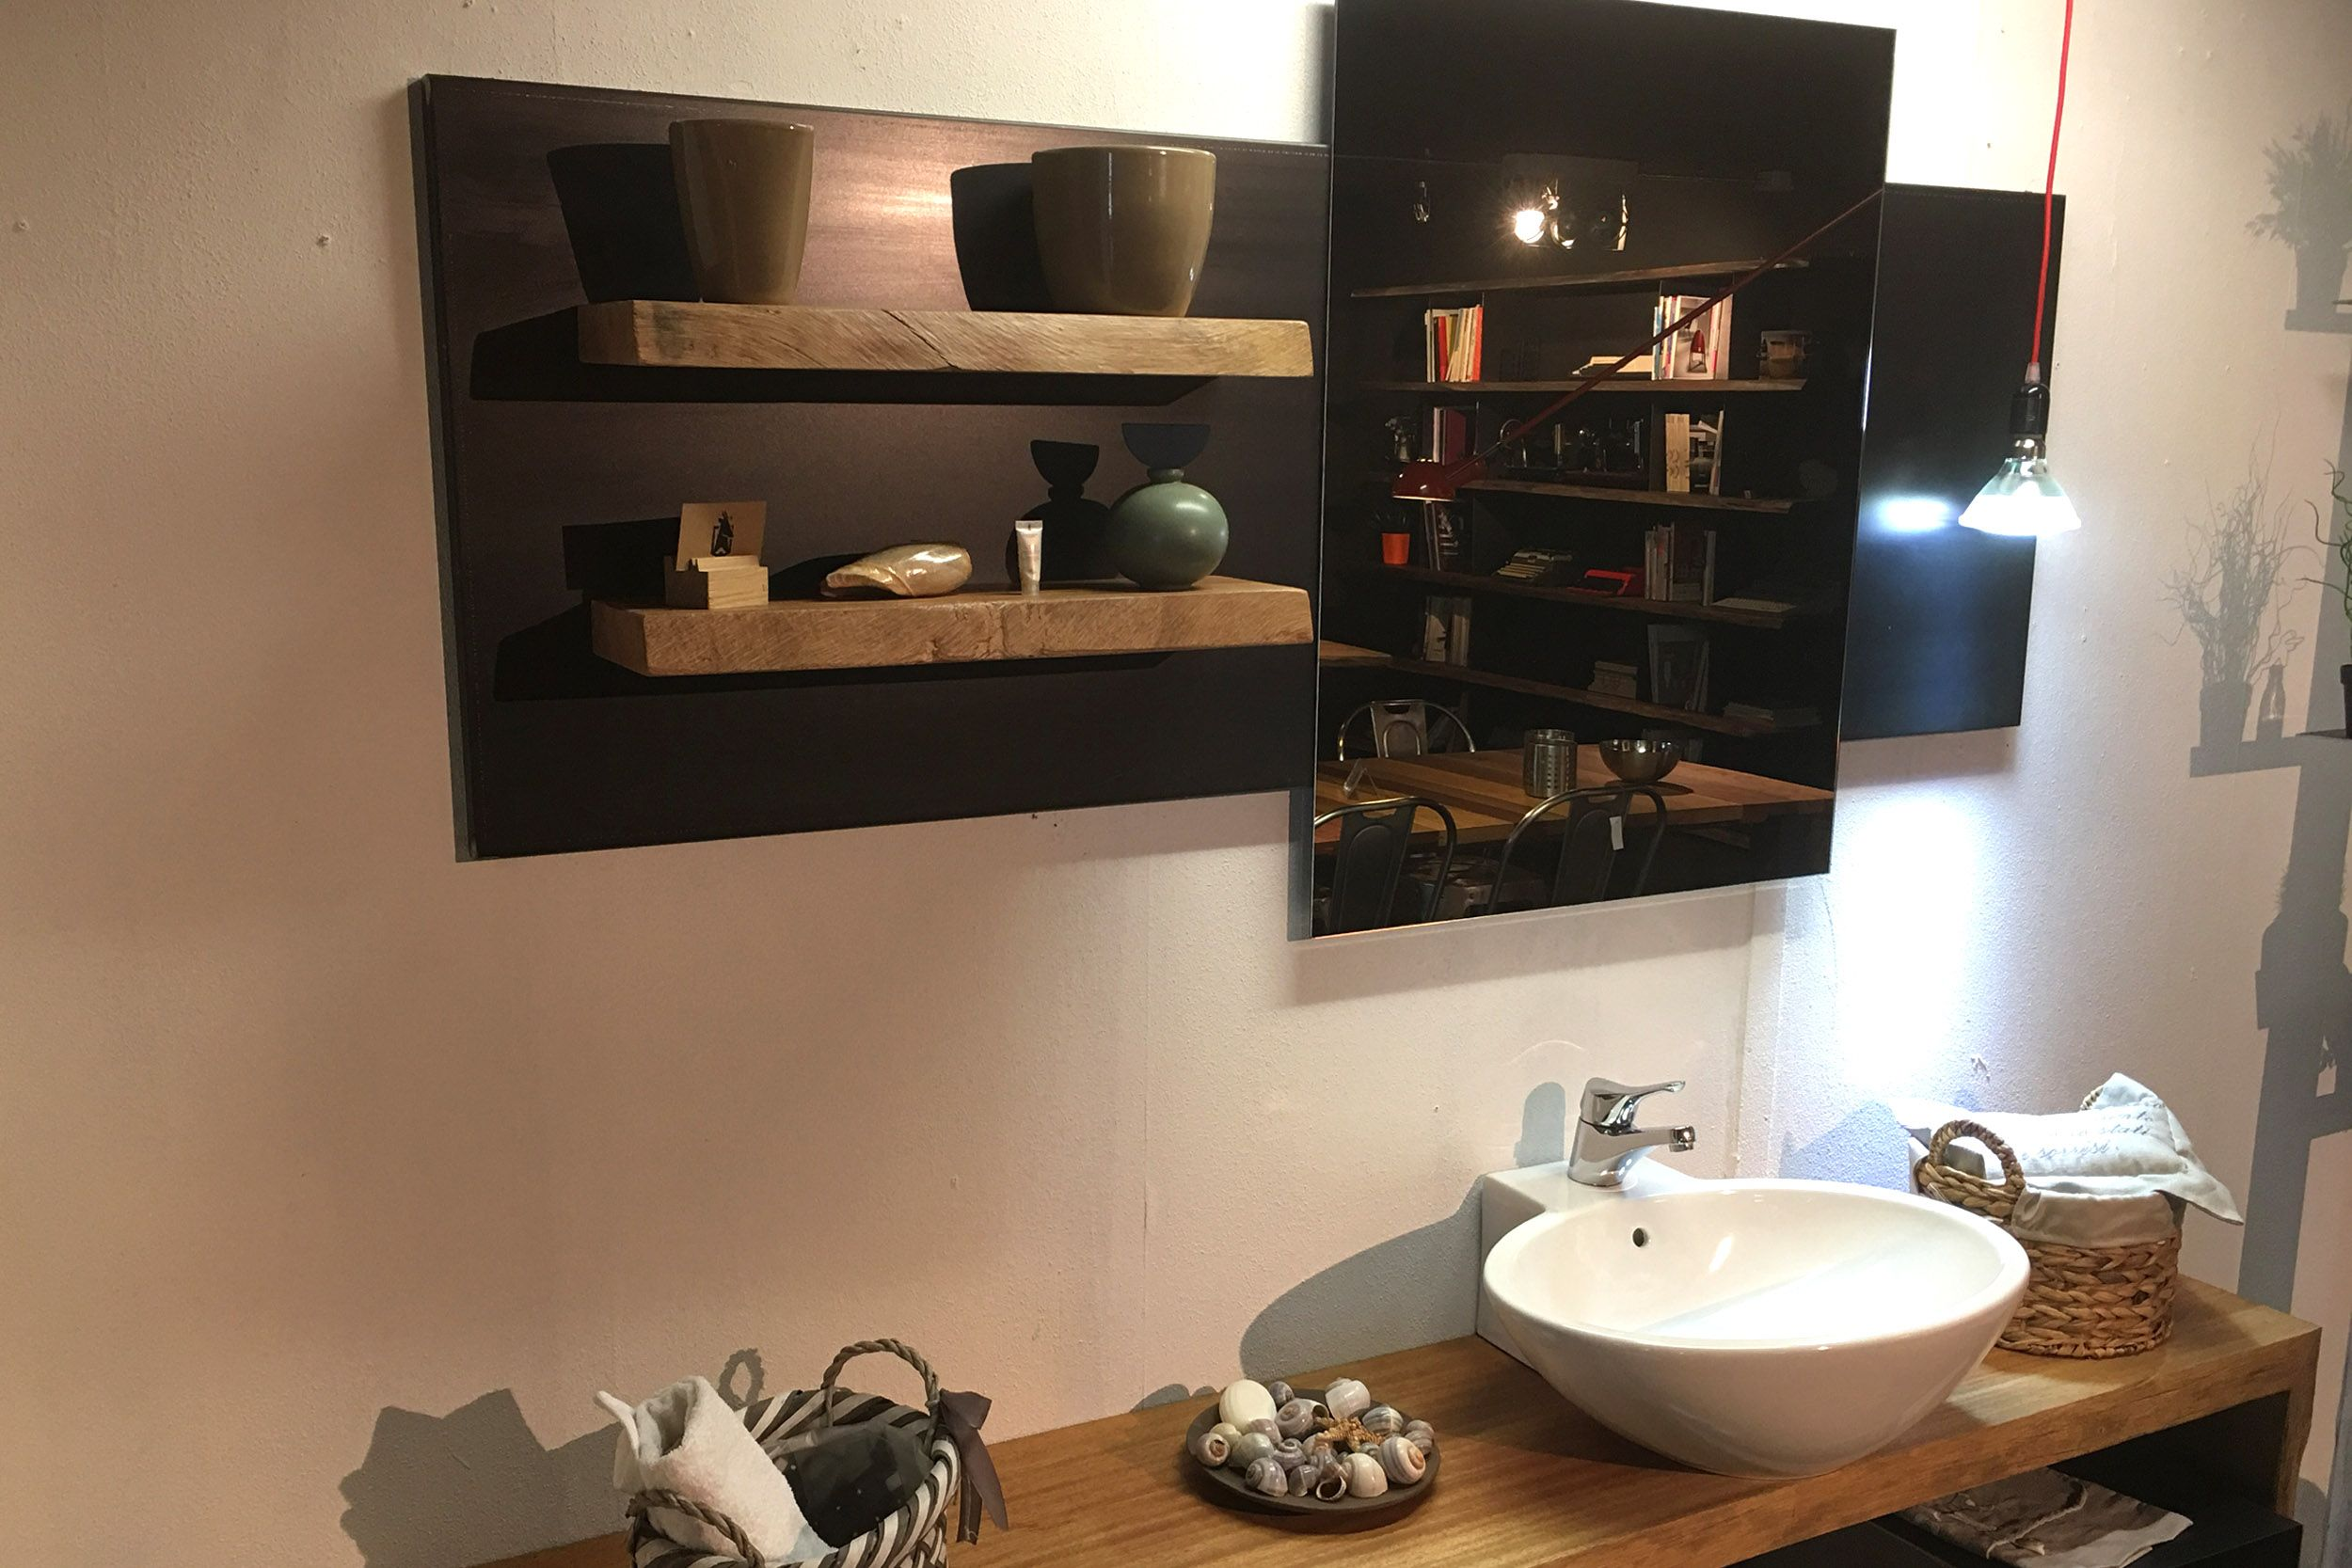 Piana bagno realizzata in legno di mogano con particolare gamba a